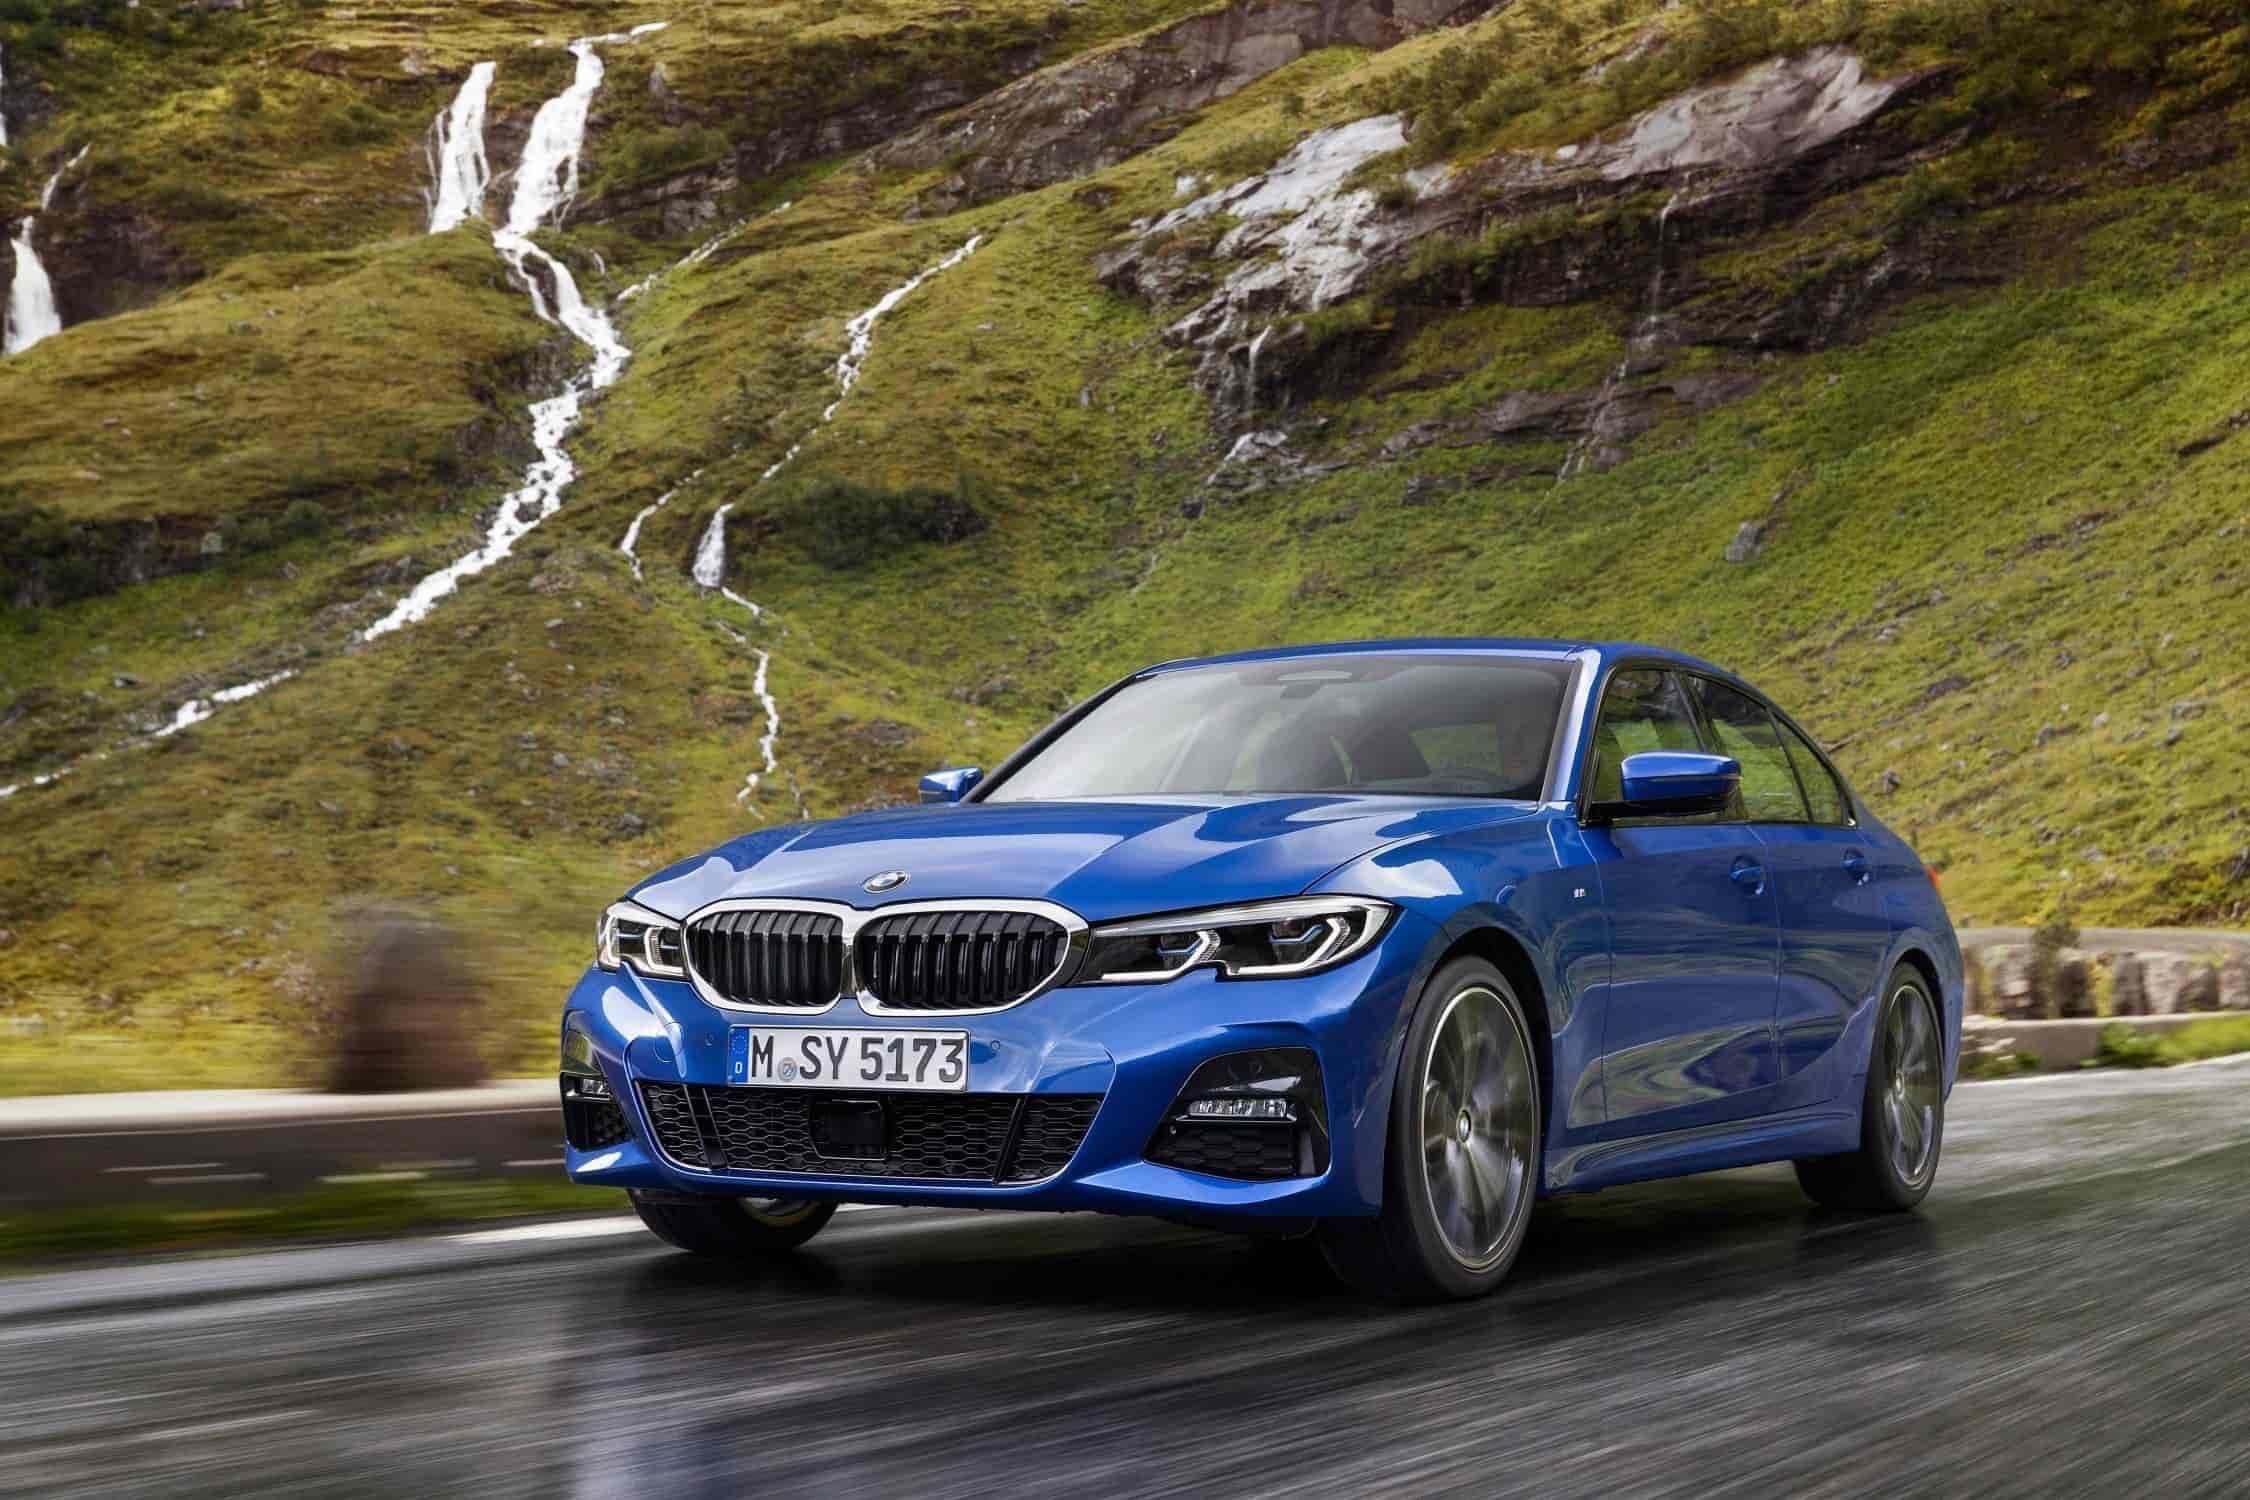 """10. BMW Serie 3 Sedán (G20) – 2018.En la foto: El BMW 3 Series Sedan, Model M Sport, azul metálico.Con un diseño moderno, las parrillas del BMW Serie 3 Sedán fueron colocadas por encima del borde superior de los faros, formando una esquina sutil. Para las versiones M Performance, las clásicas láminas verticales de la parrilla del radiador se sustituyeron por una estructura reticular con los llamados """"nuggets"""", destacando la parte frontal de los vehículos, con pequeños elementos en forma de cuña entrelazados."""